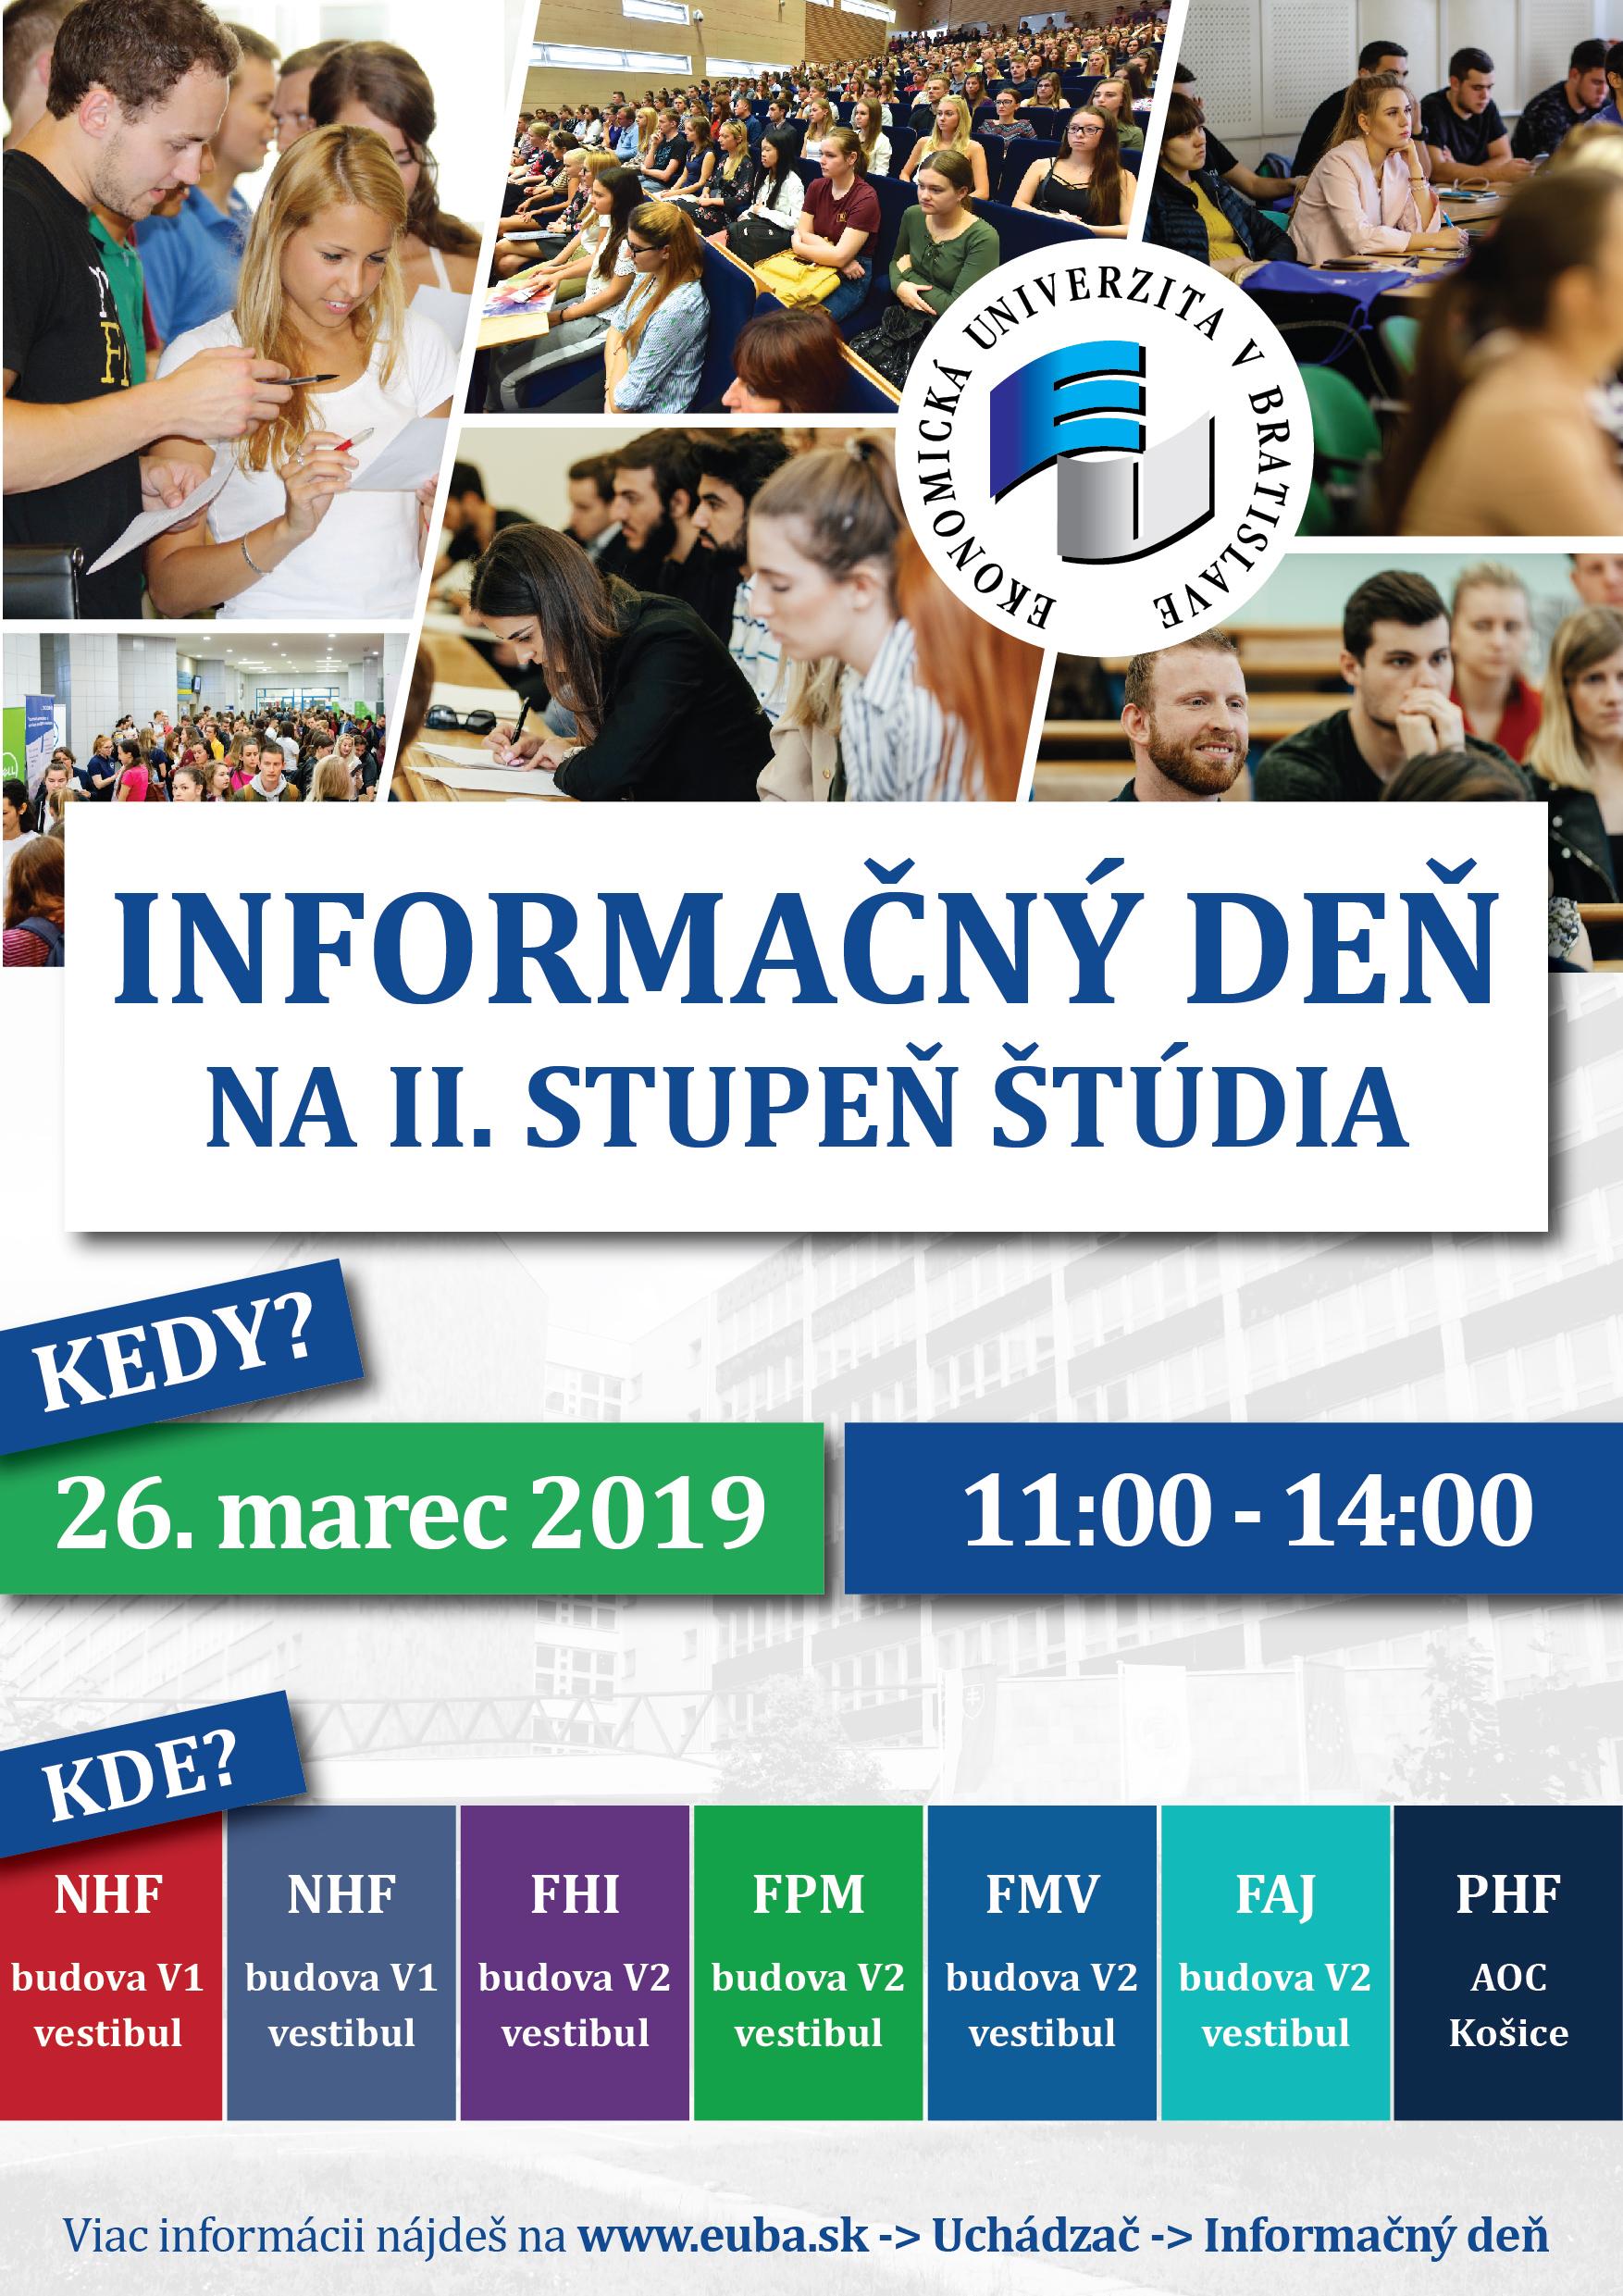 infoden 2019 2stupen poster